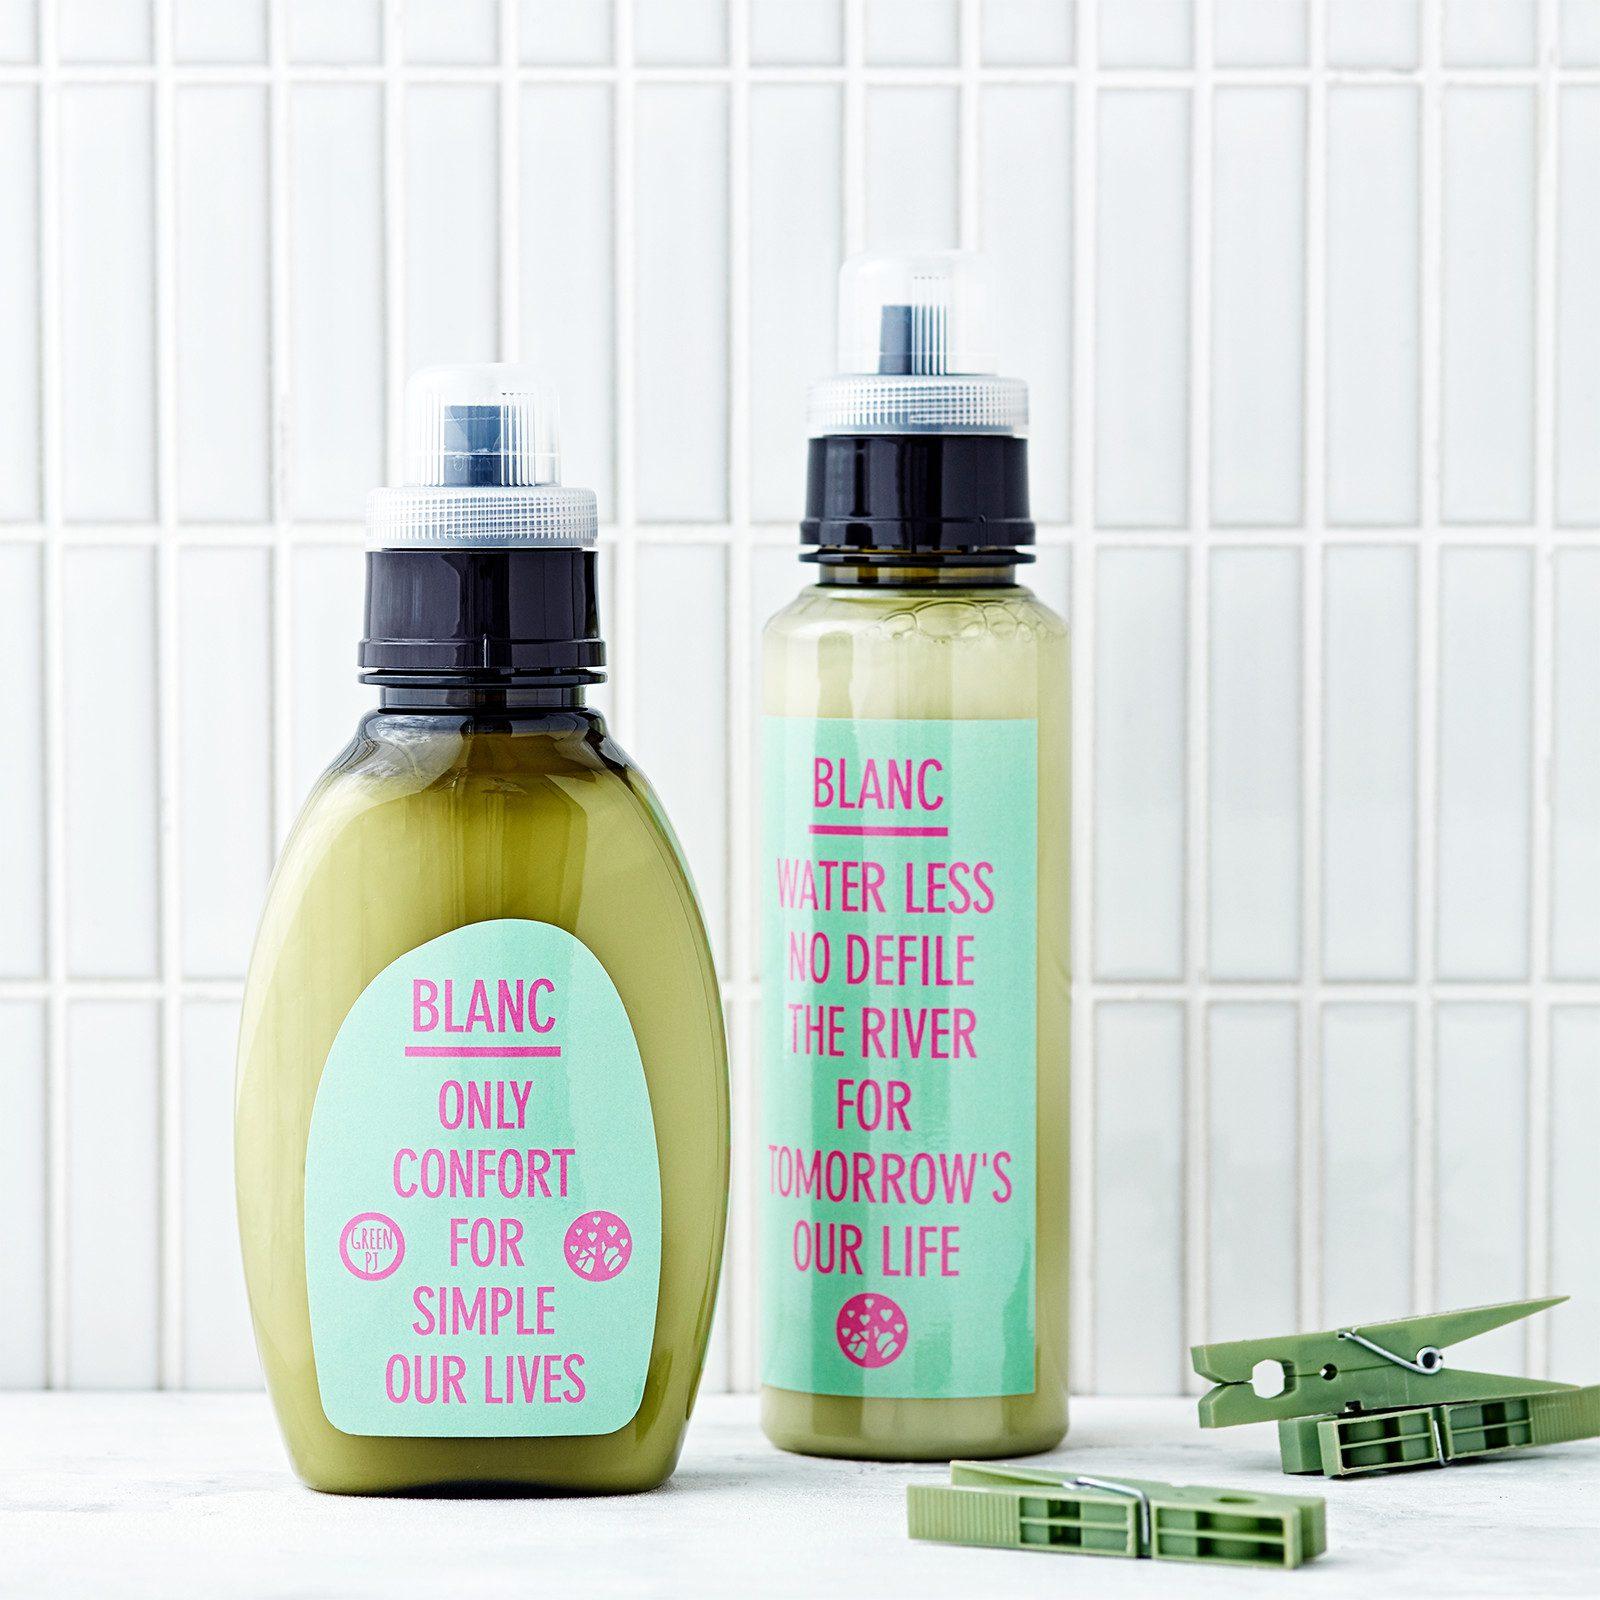 化粧品容器 (BLANC)